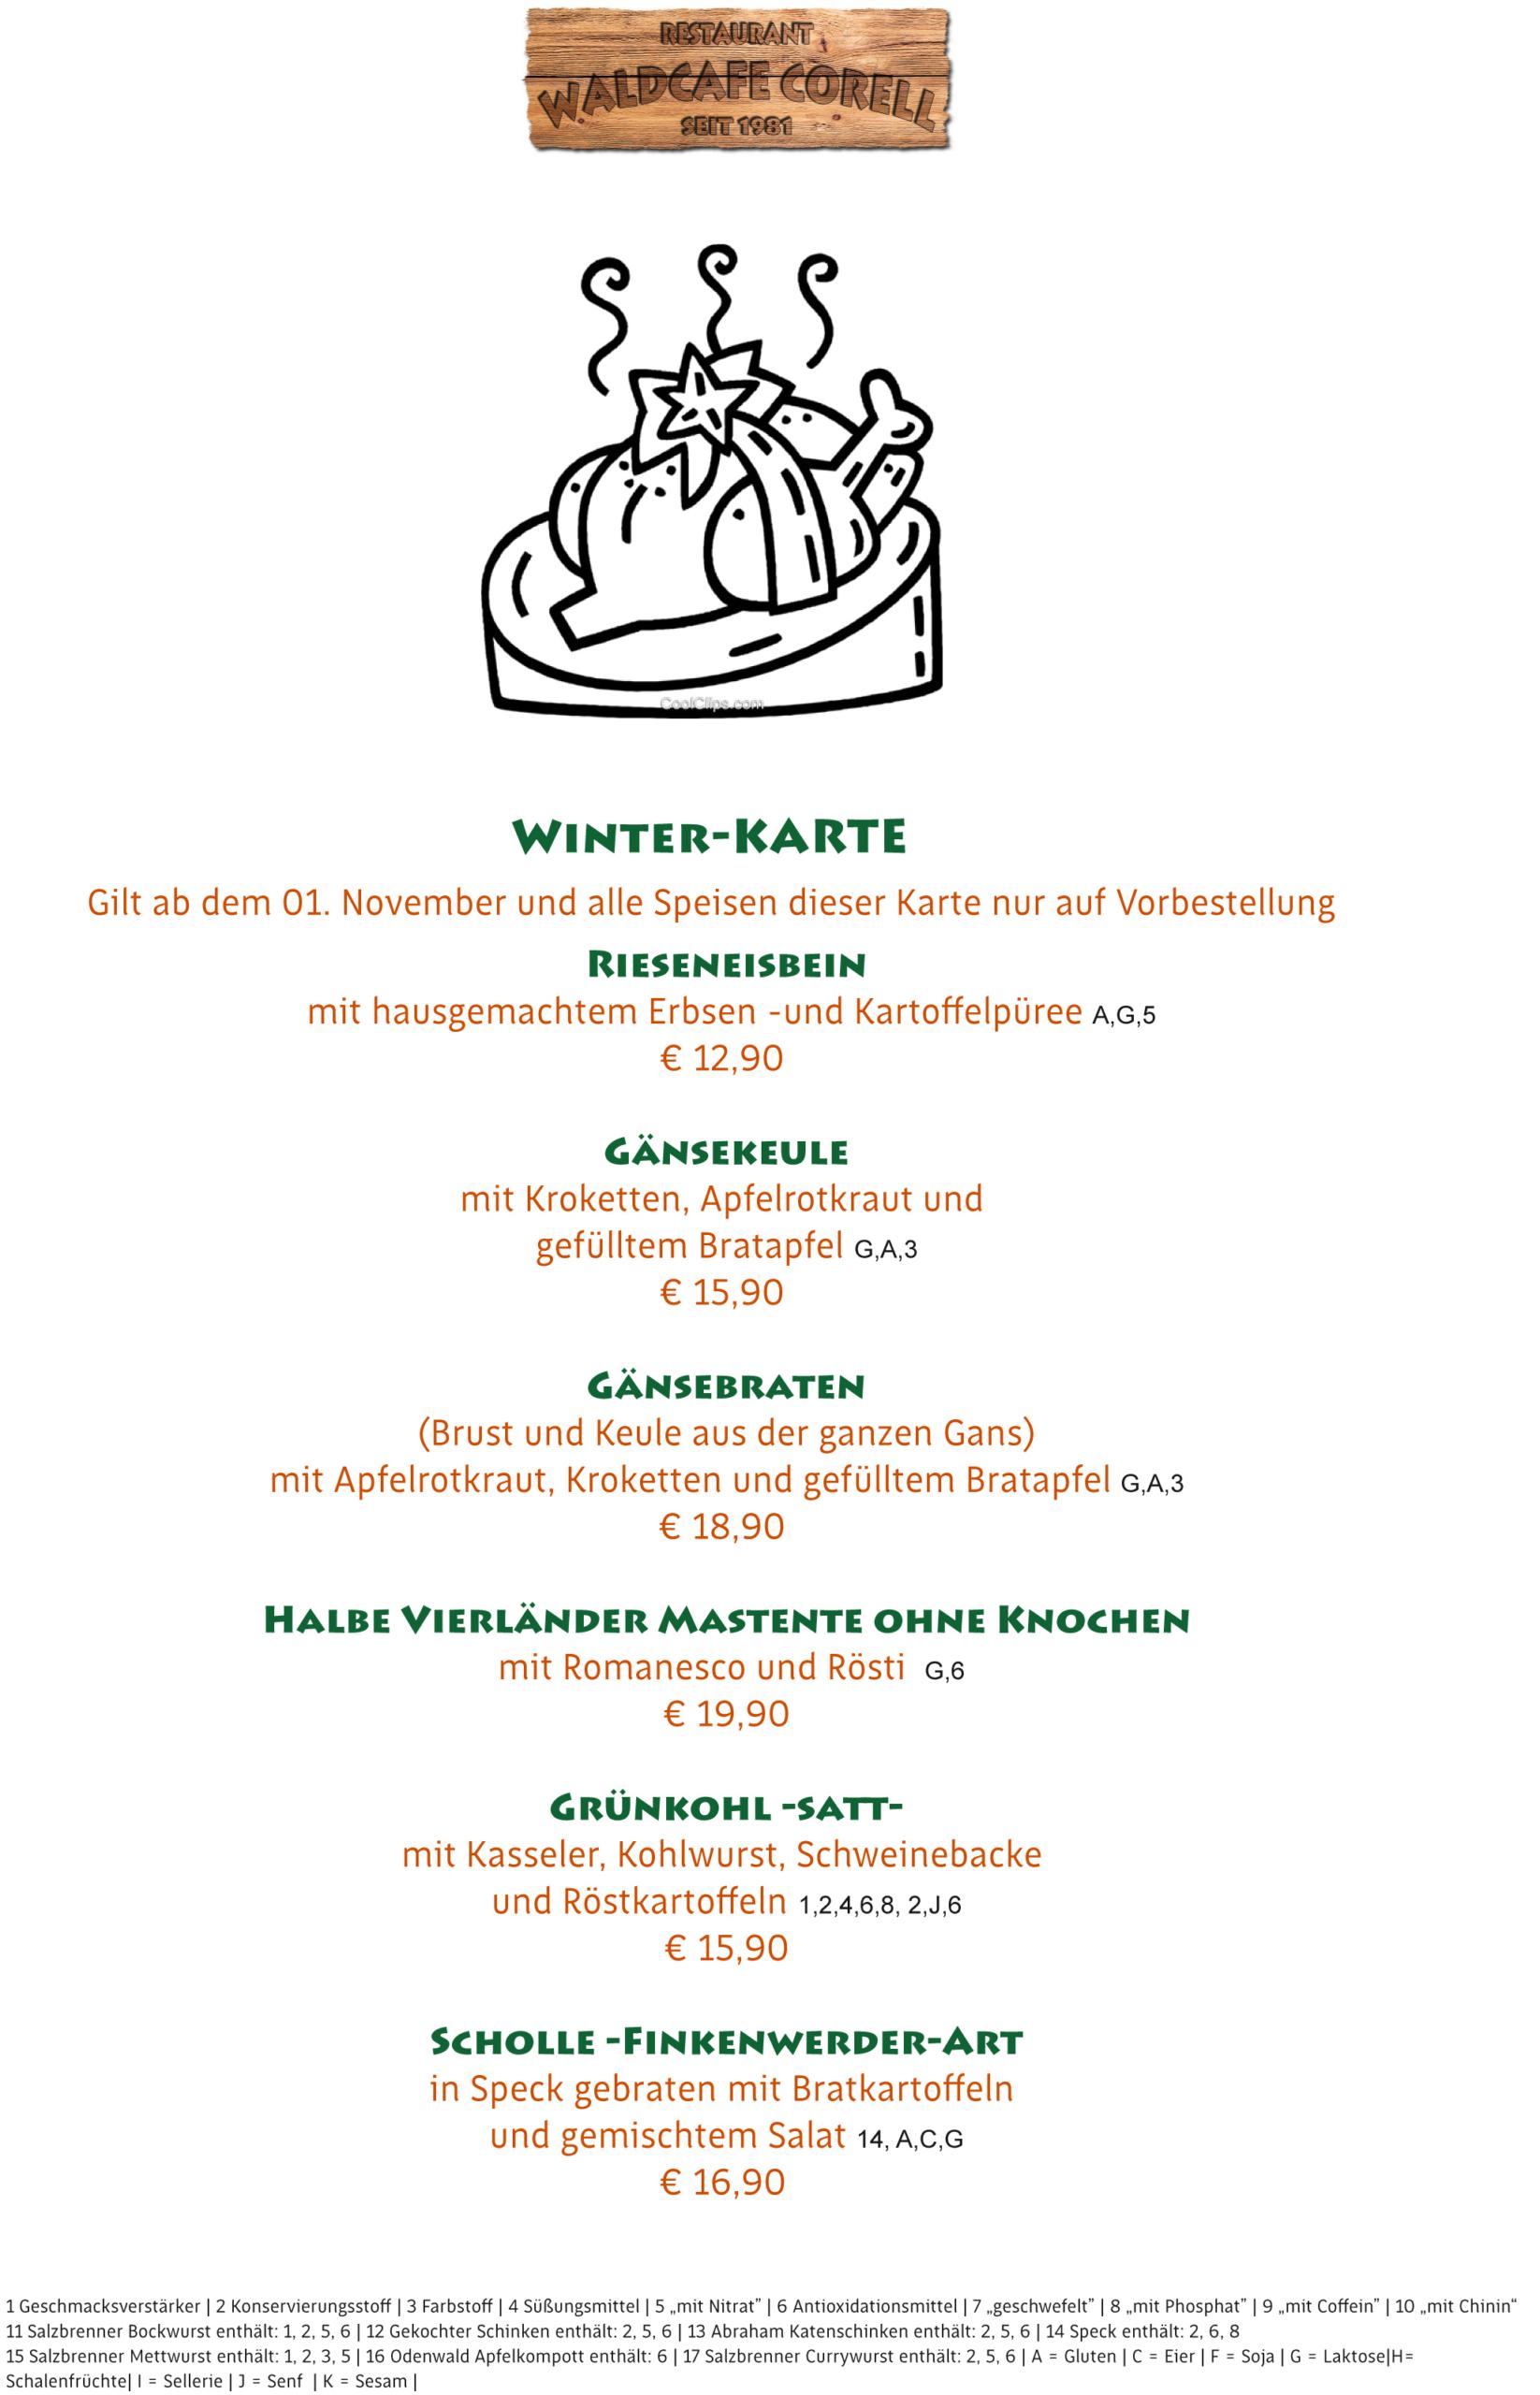 Waldcafe Corell, Winterkarte